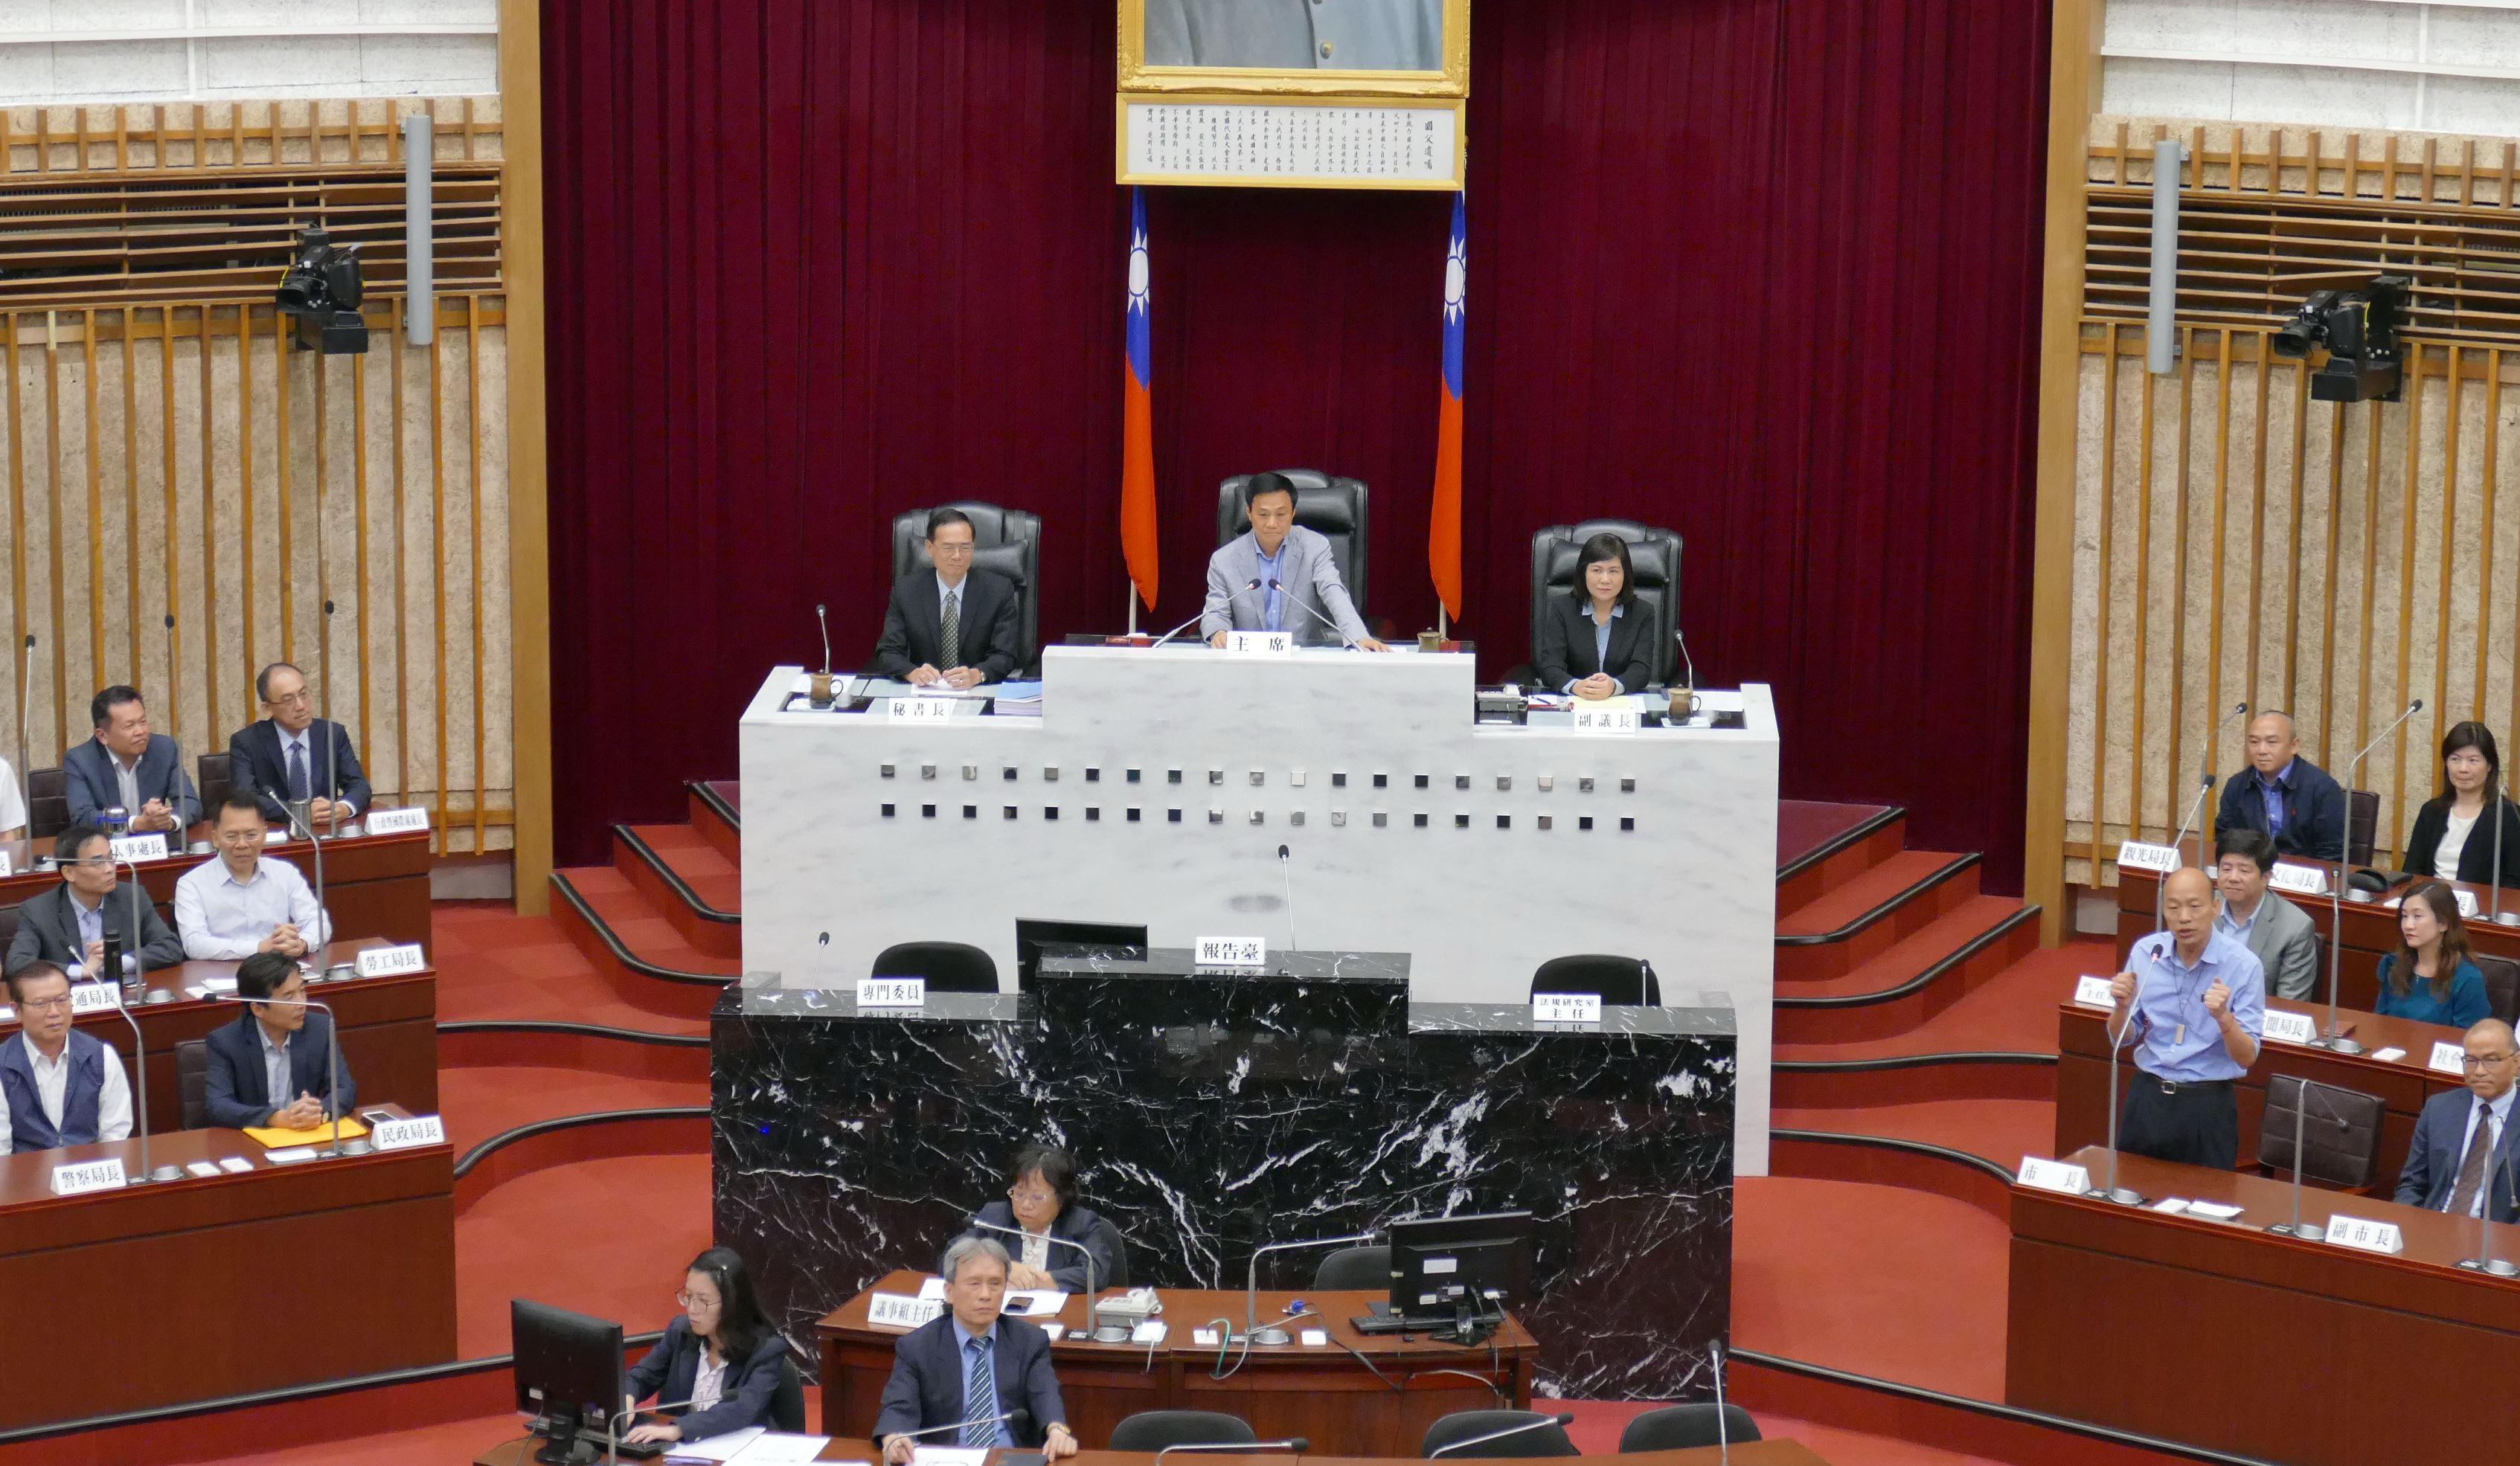 議會第1次定期會閉幕,許議長勉勵韓市長「向前走」